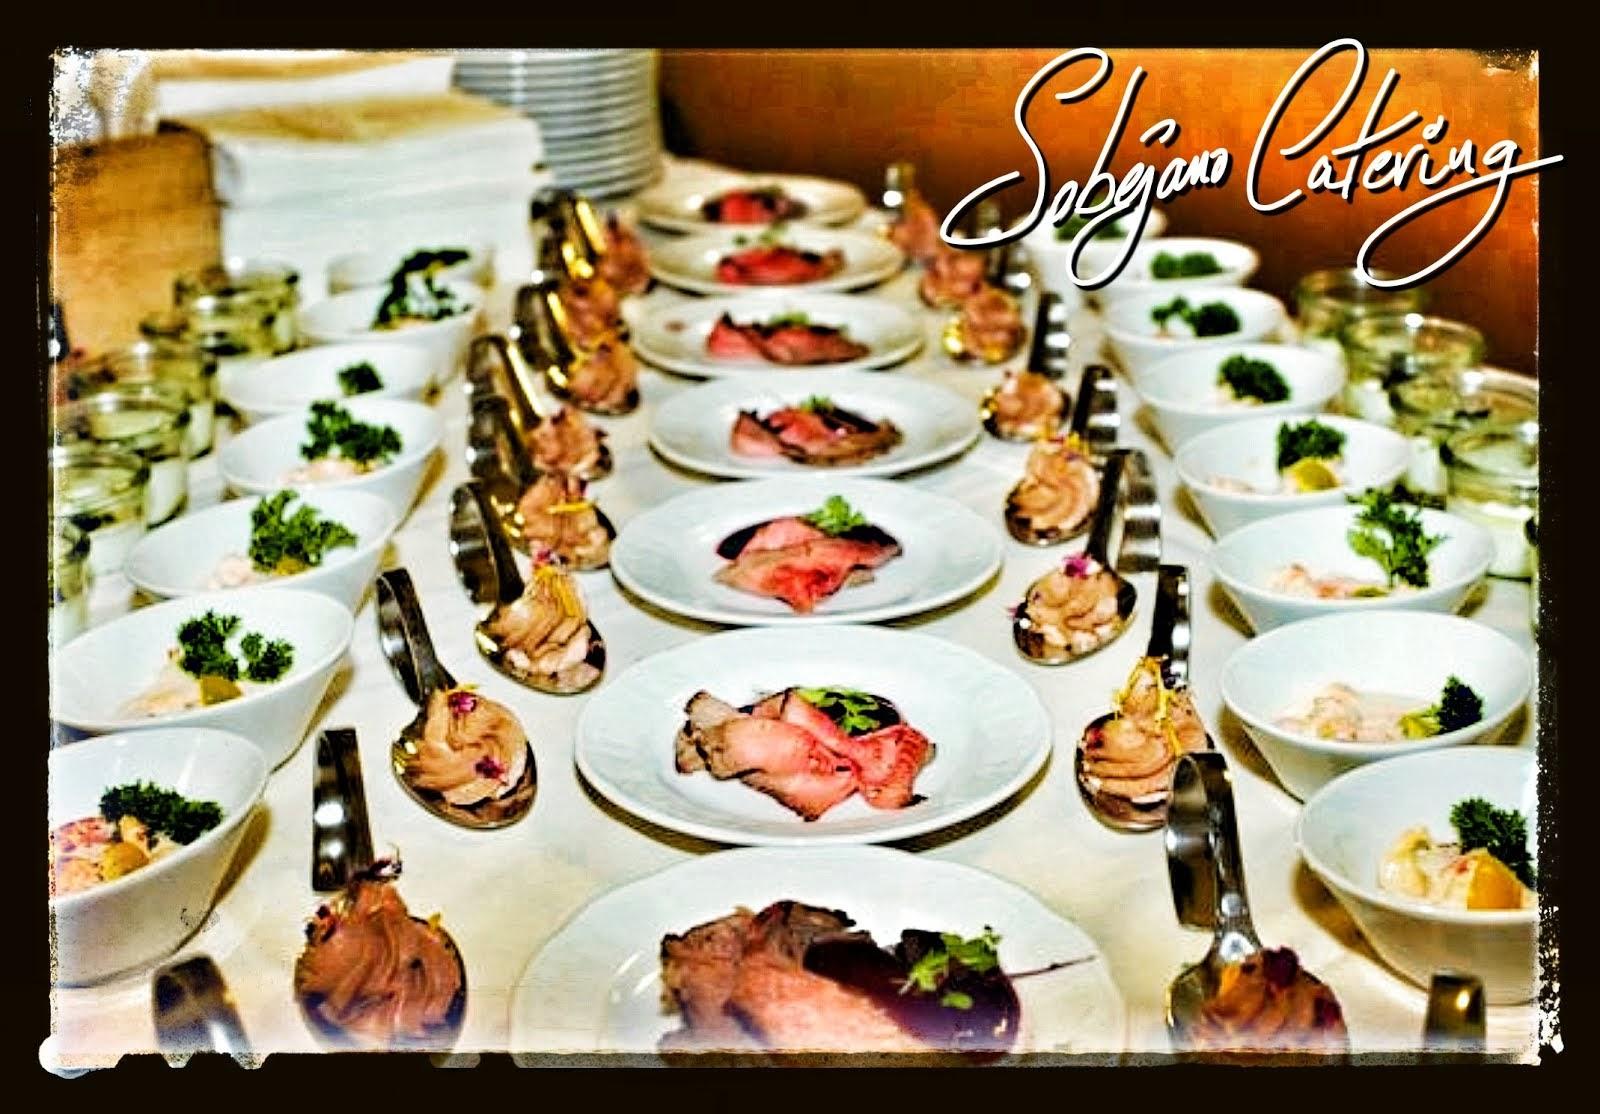 Sobejano Catering